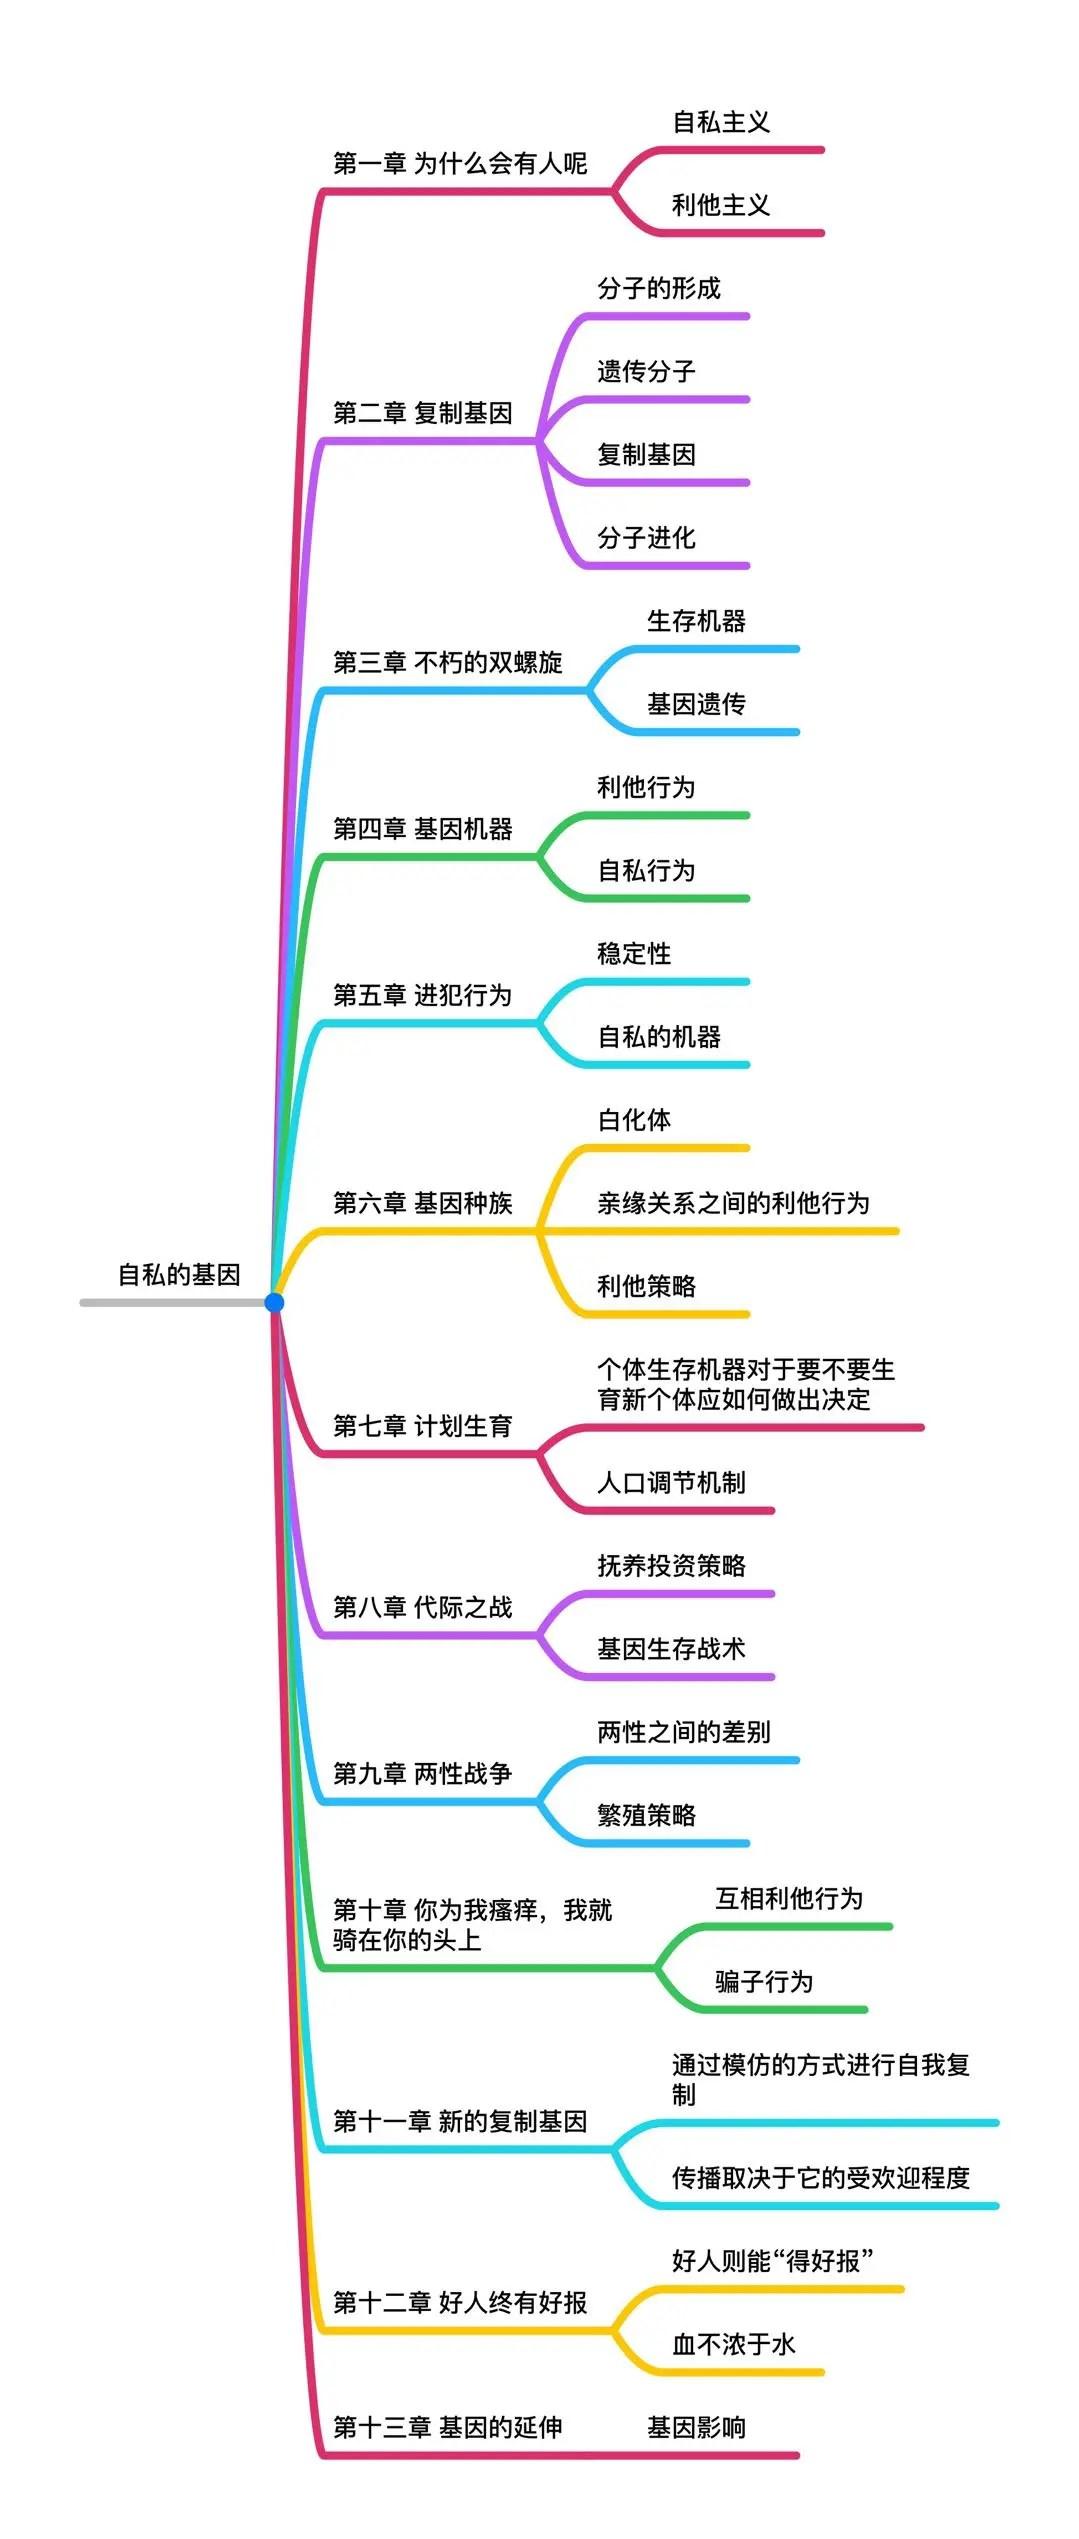 自私的基因pdf下載_自私的基因 mobi_自私的基因 epub_自私的基因txt下載